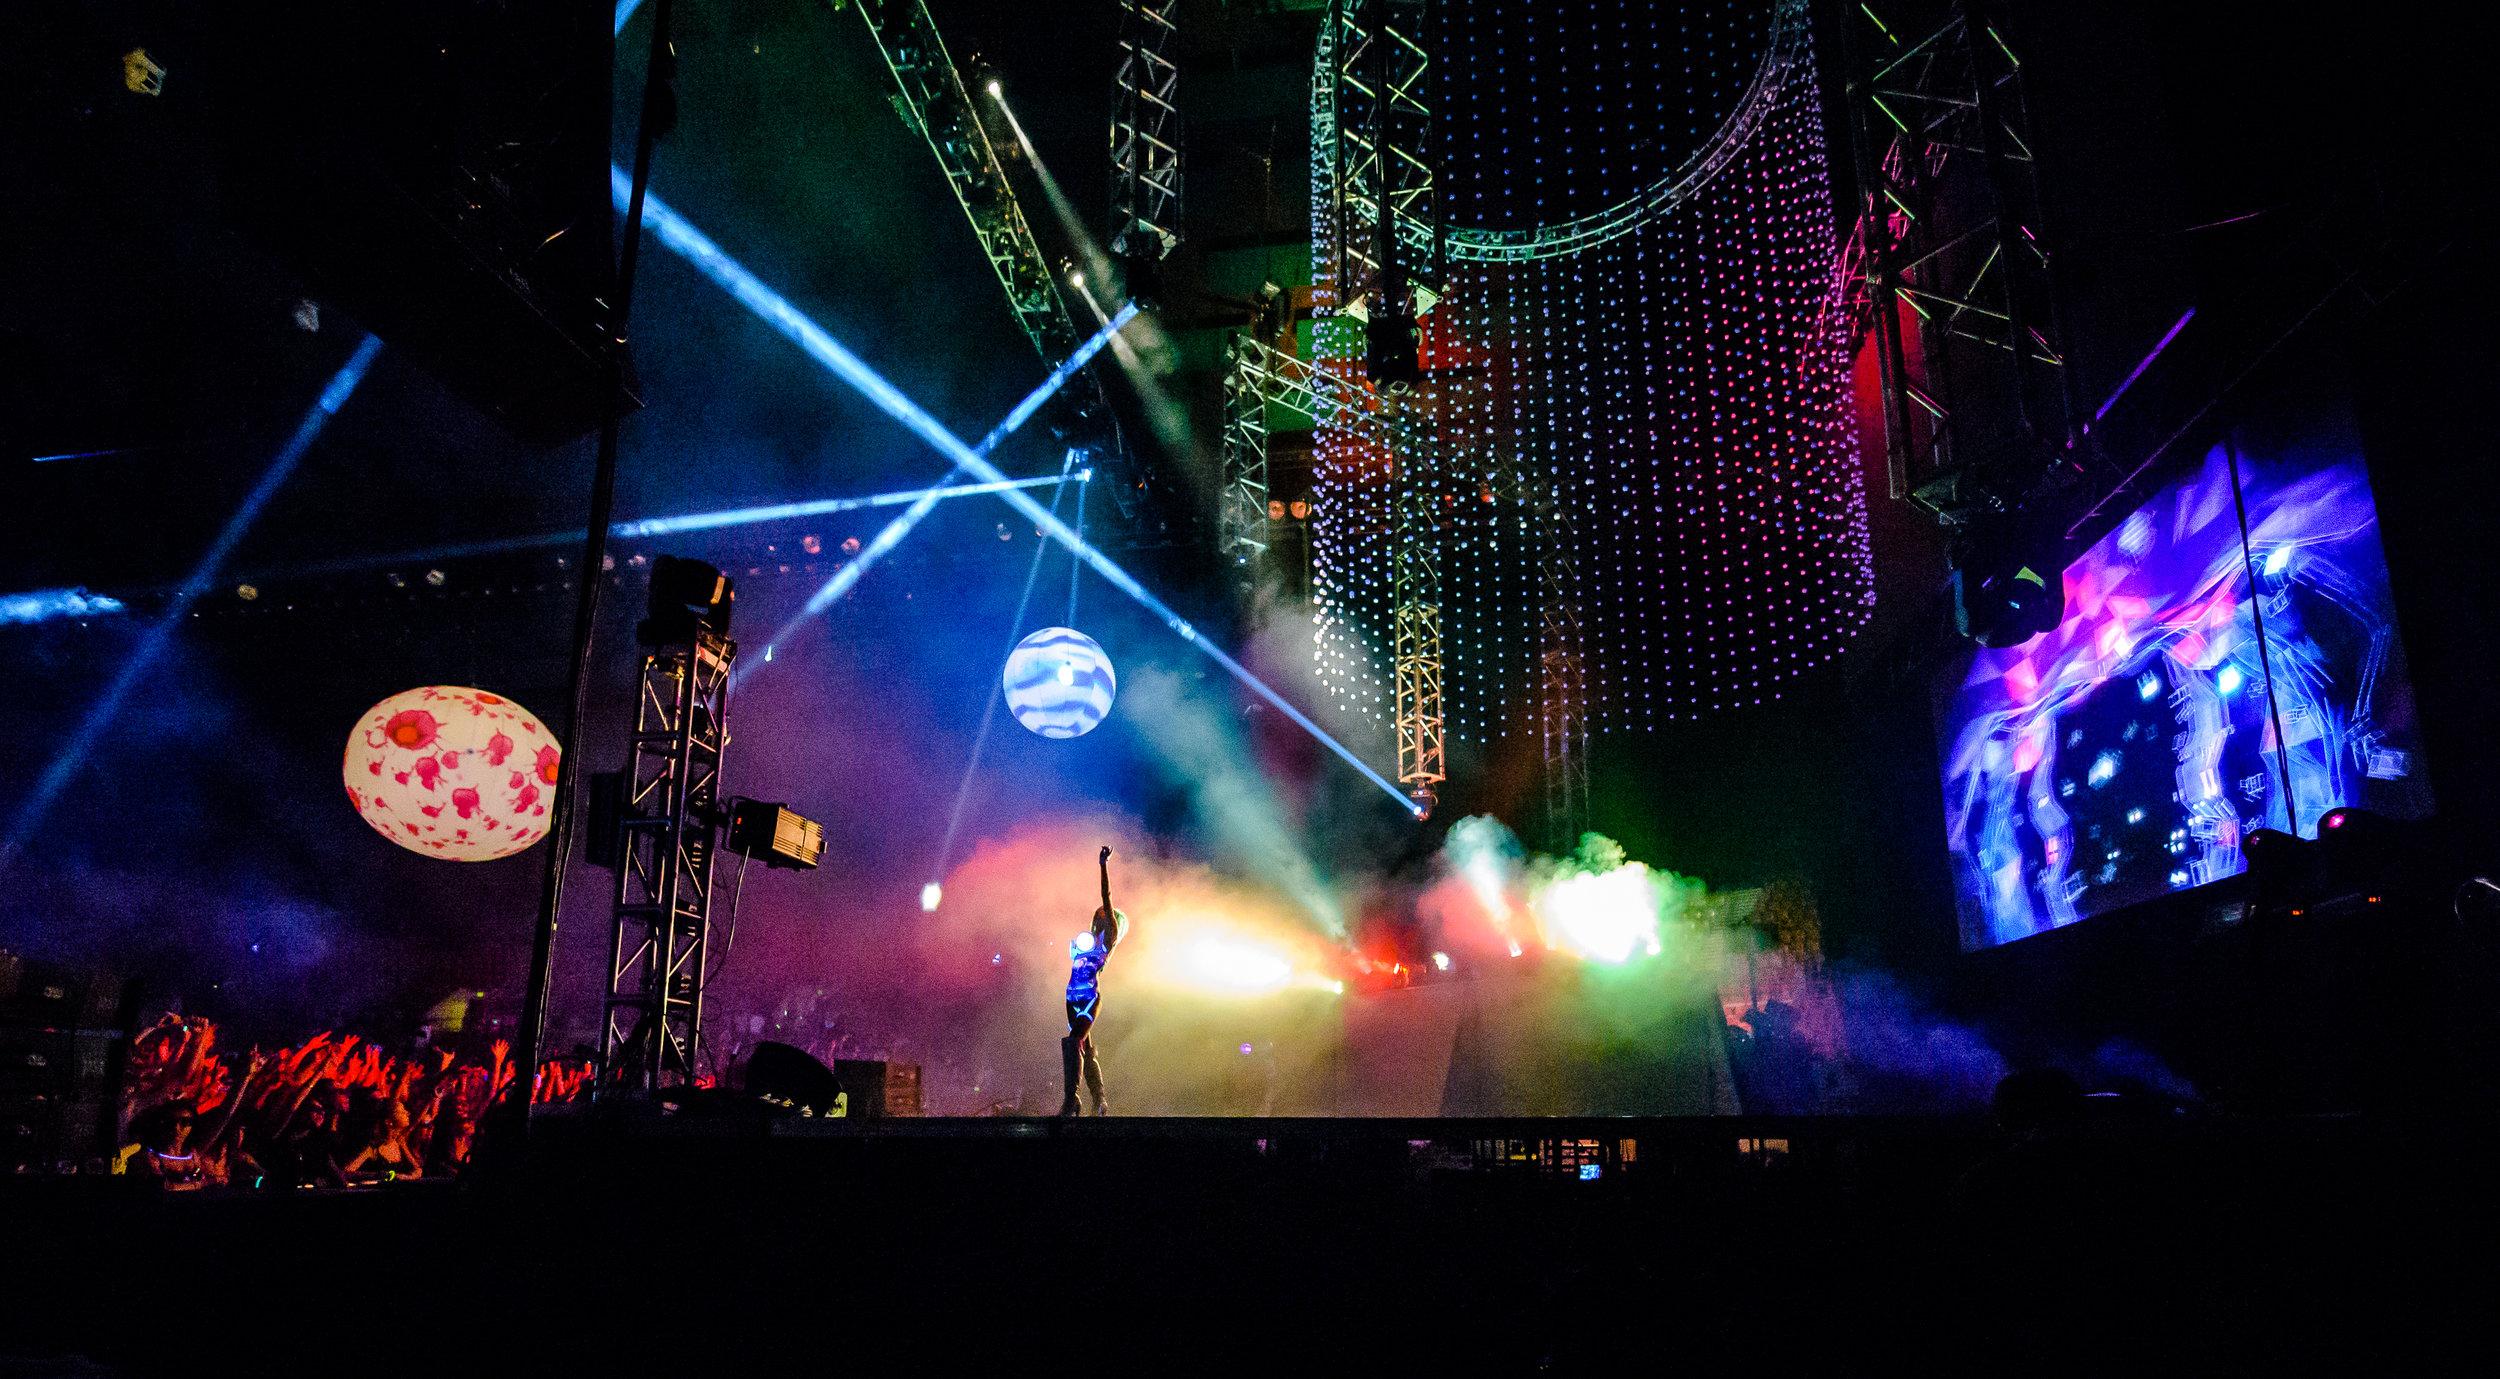 Sky Lab 2013 - Denver Coliseum